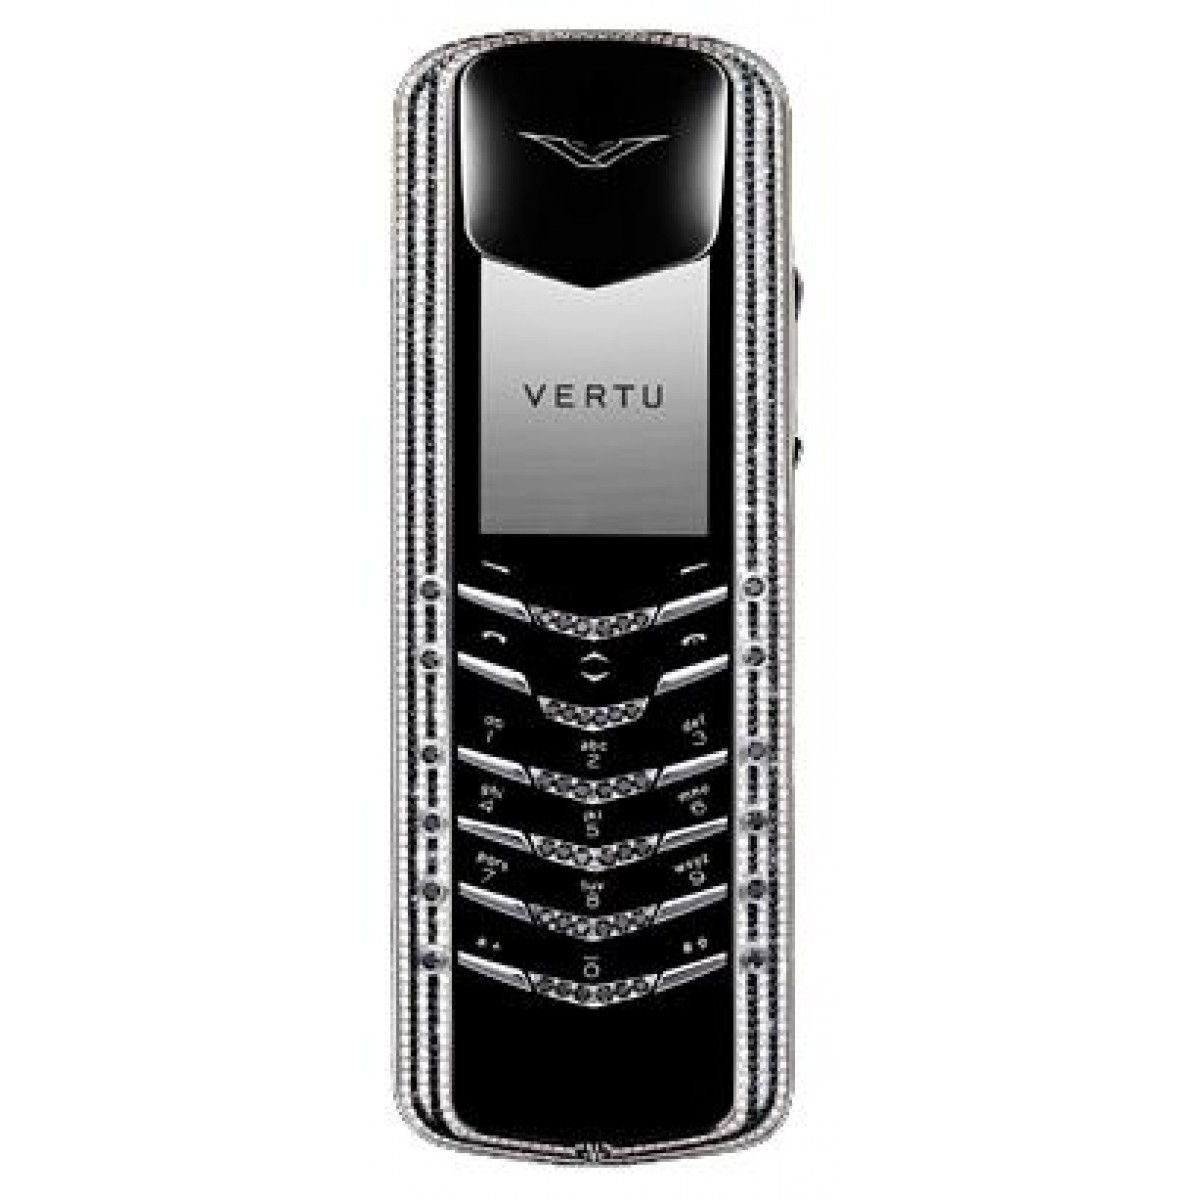 Vertu Signature M Design NPM-7